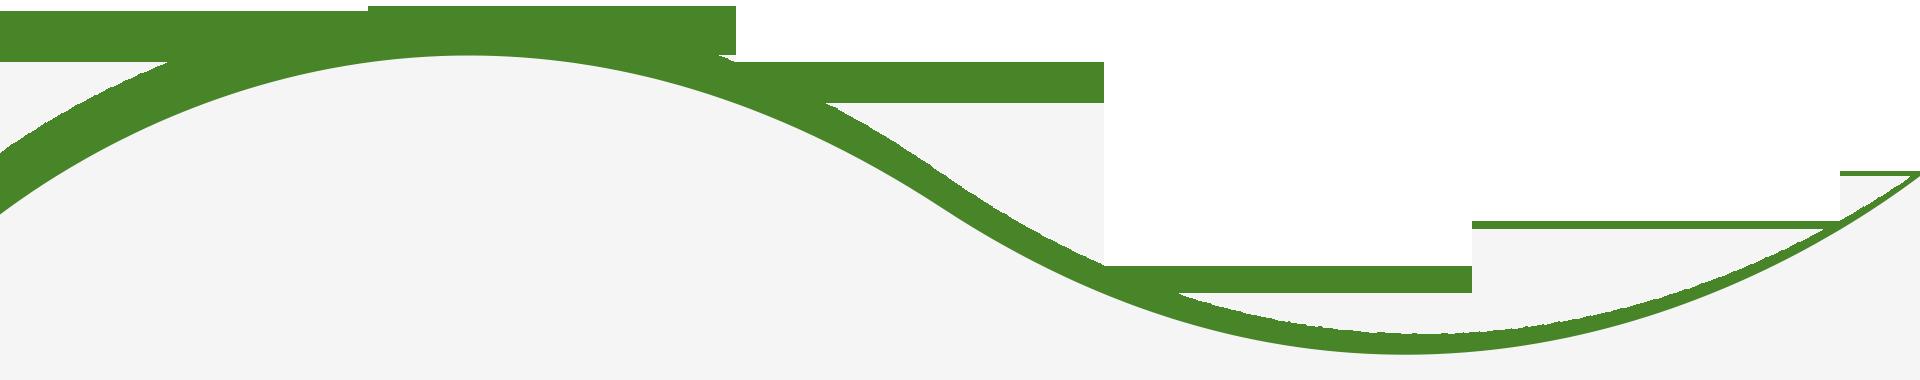 Slide wave